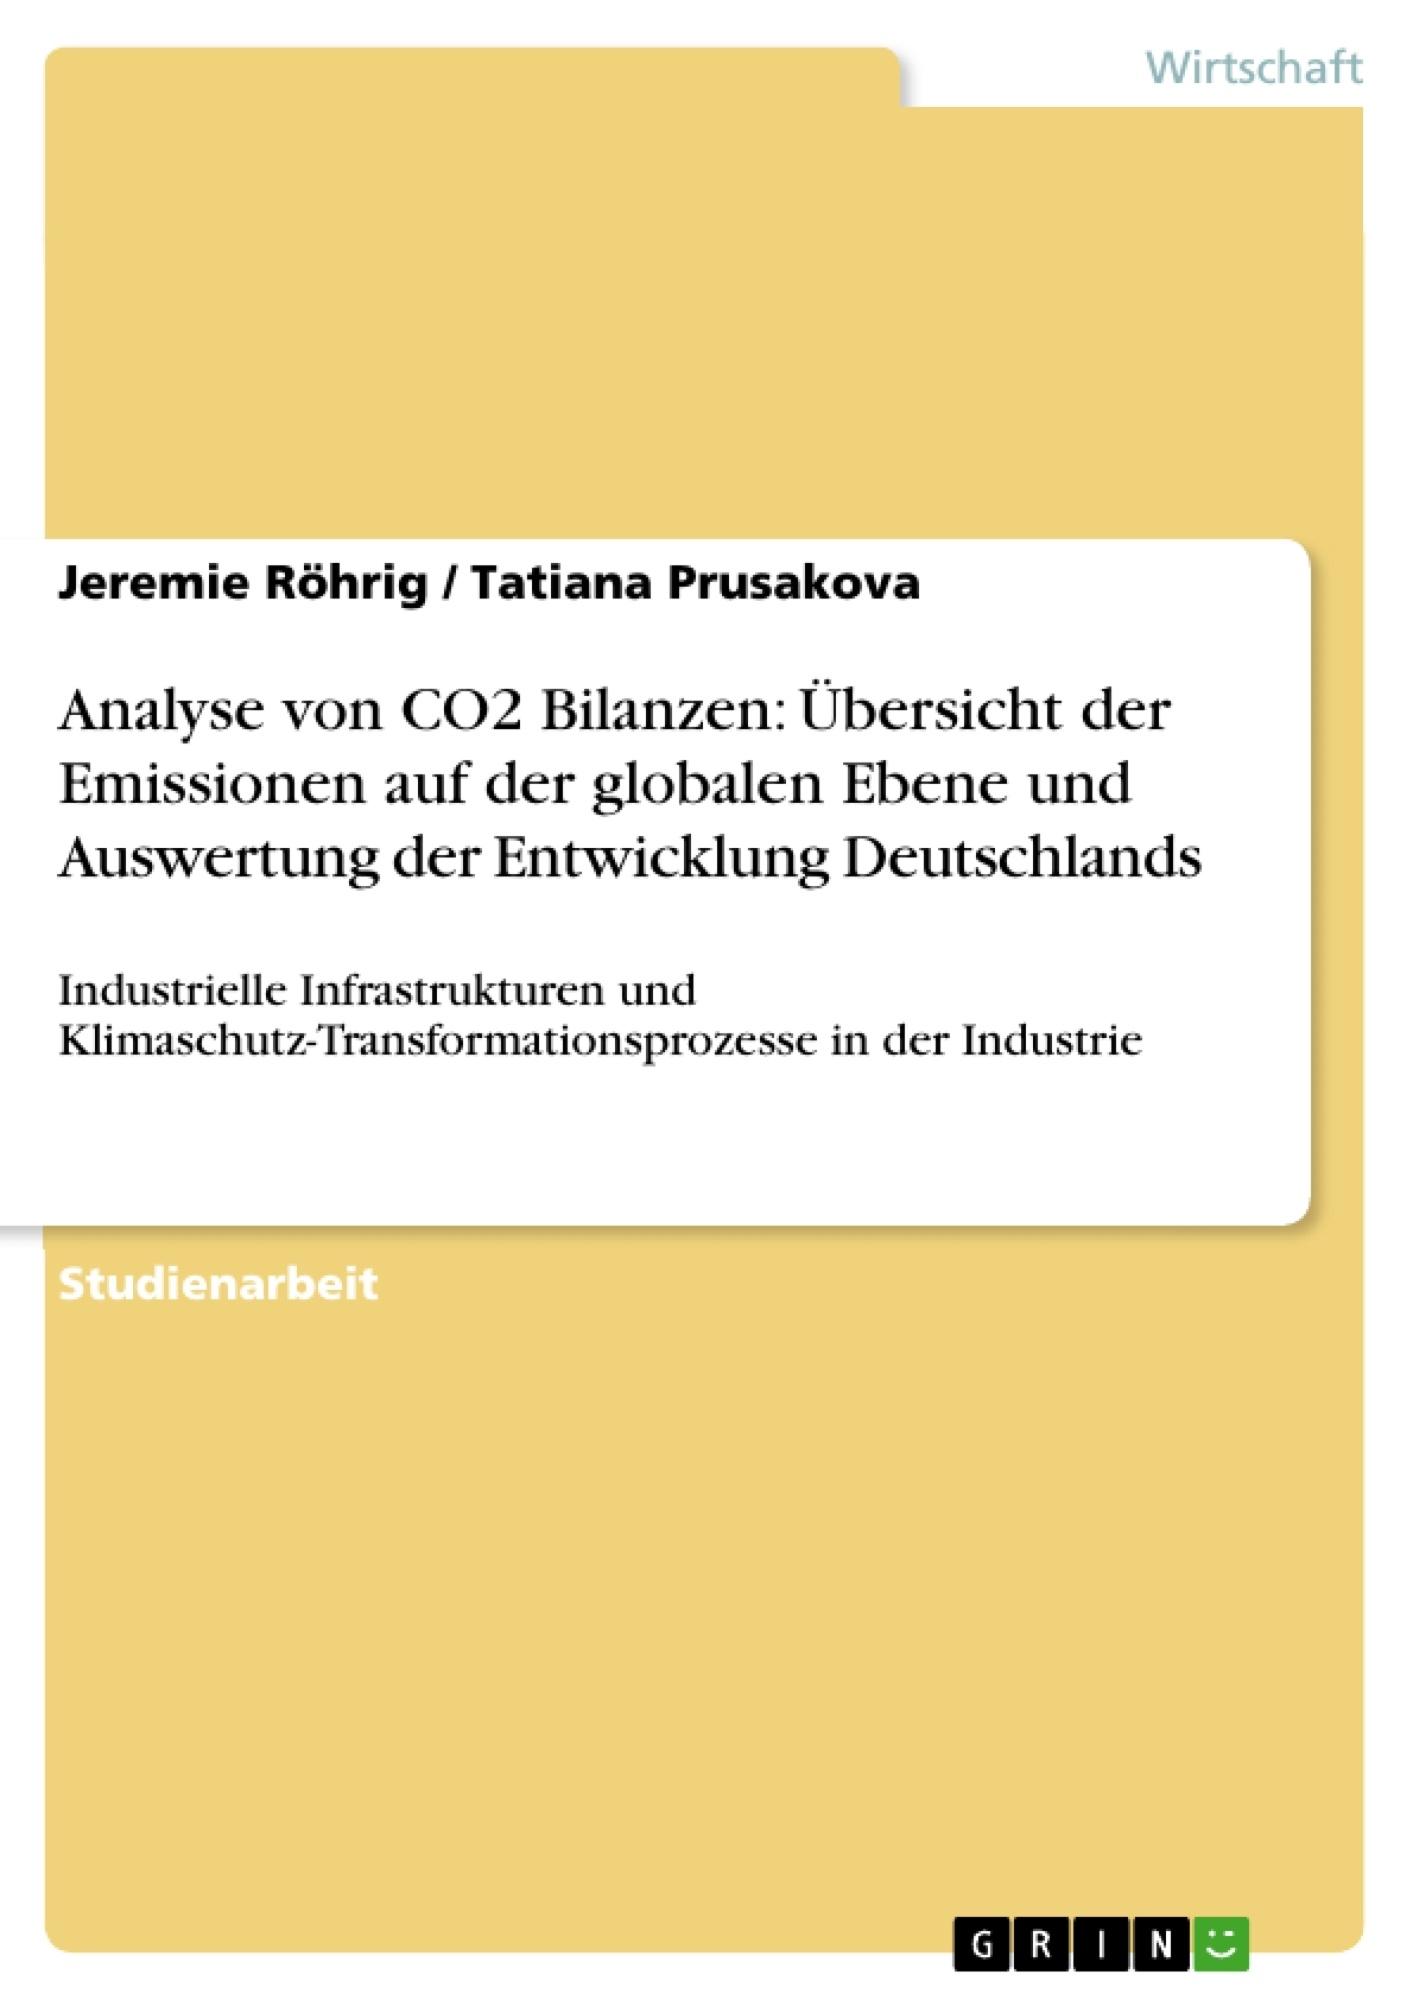 Frauenparfum best essays